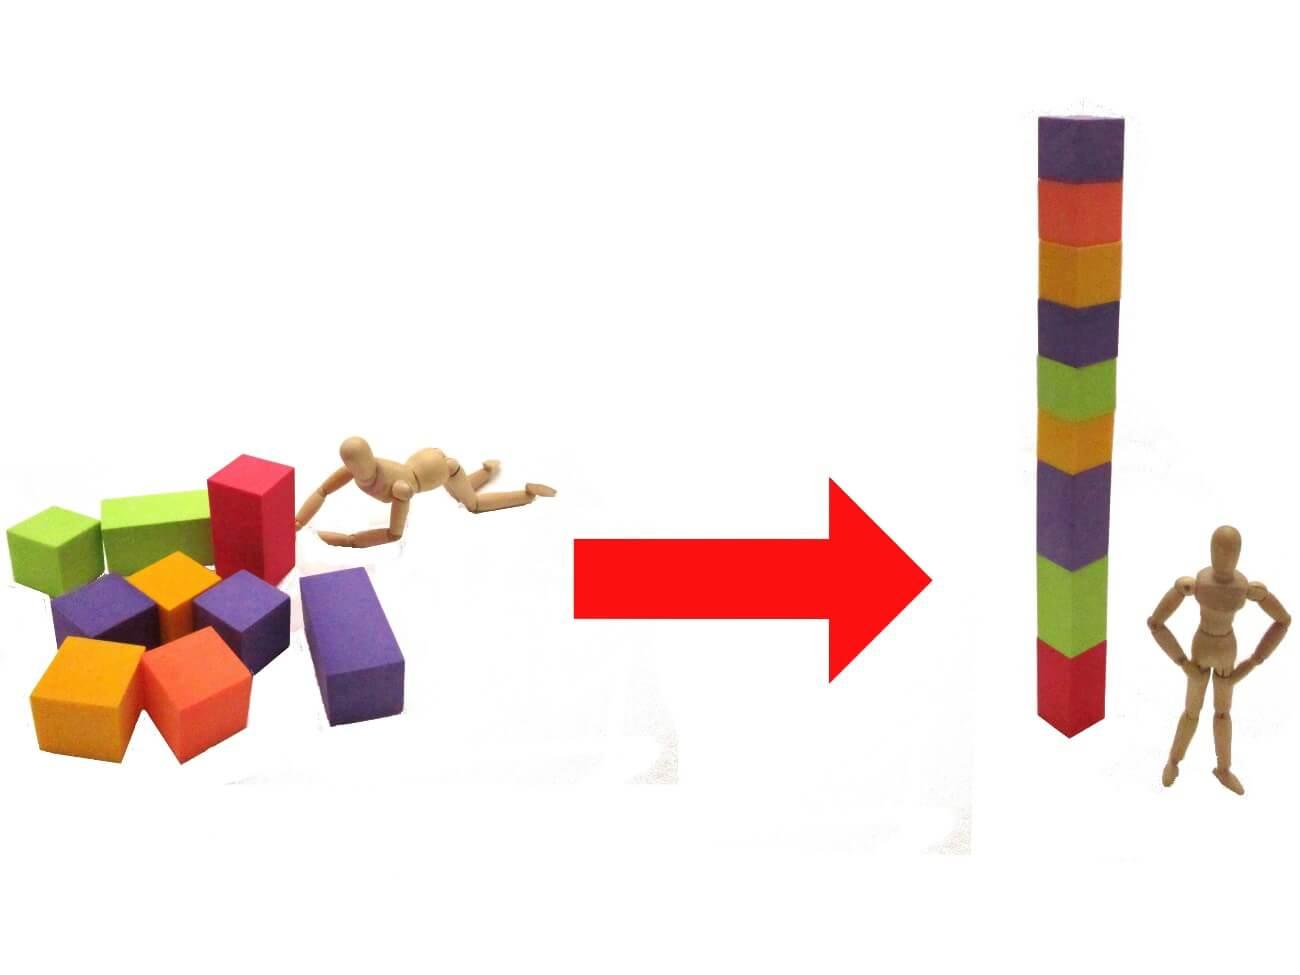 崩れたブロックを立て直した人